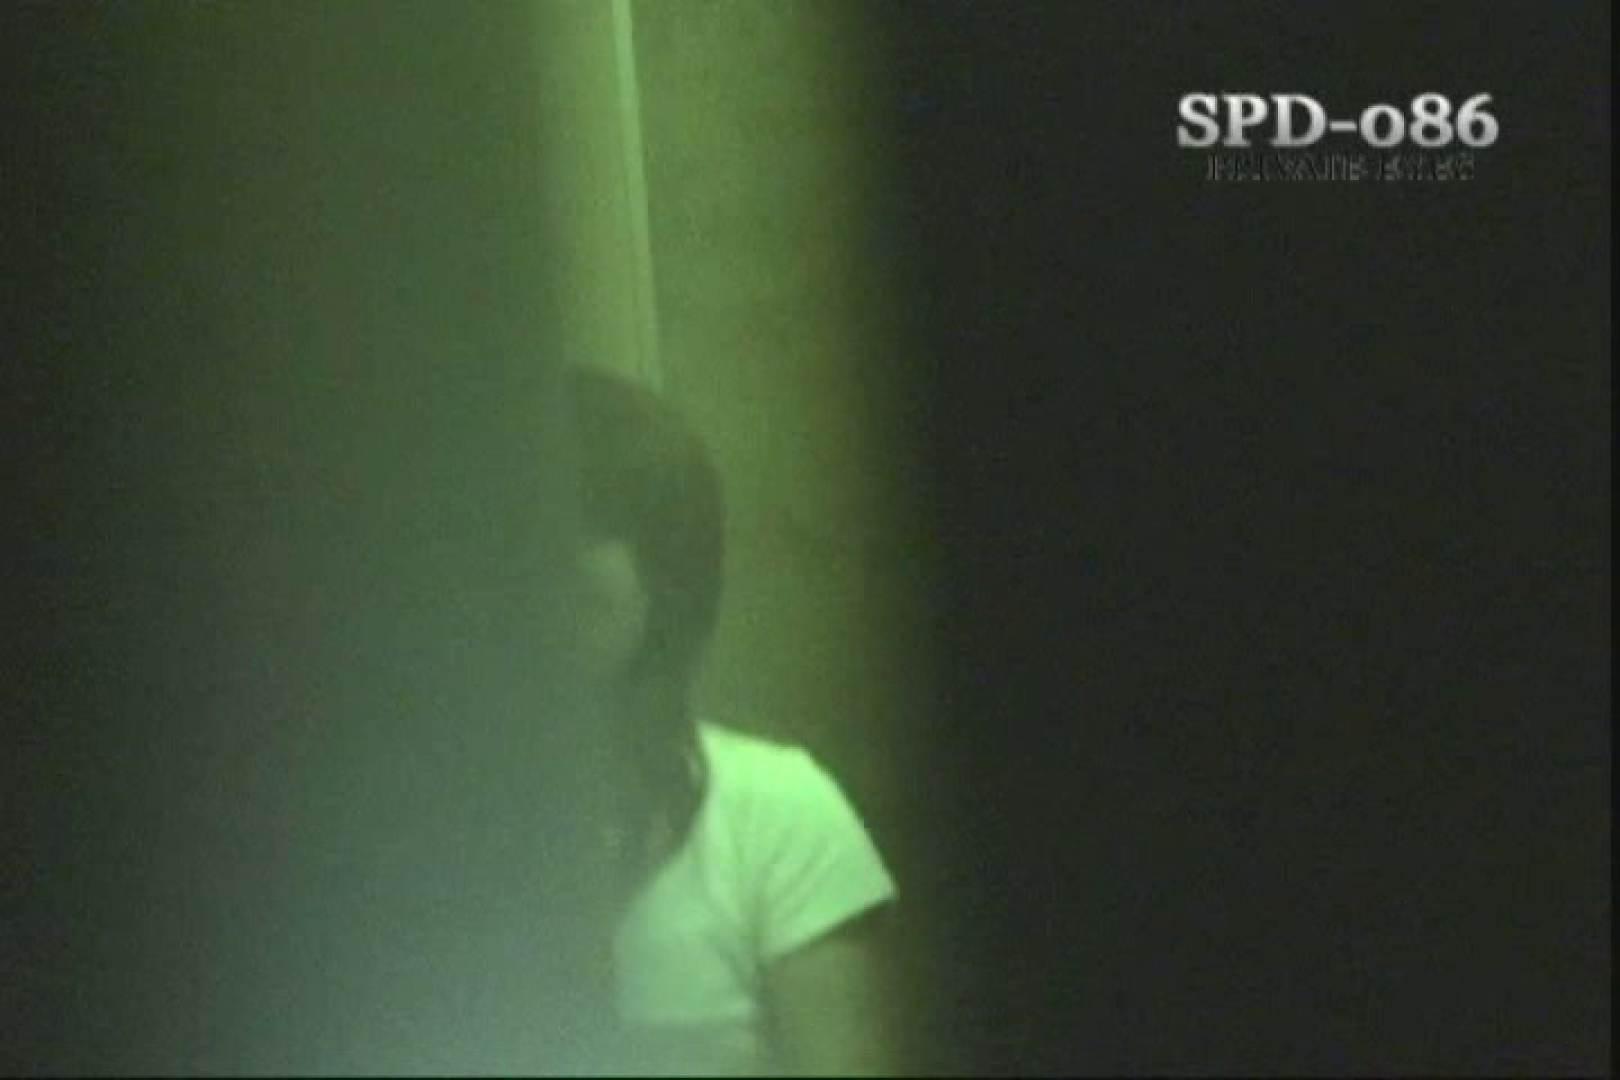 高画質版!SPD-086 盗撮・厠の隙間 3 ~厠盗撮に革命前代未分の映像~ プライベート   盗撮シリーズ  97PIX 56